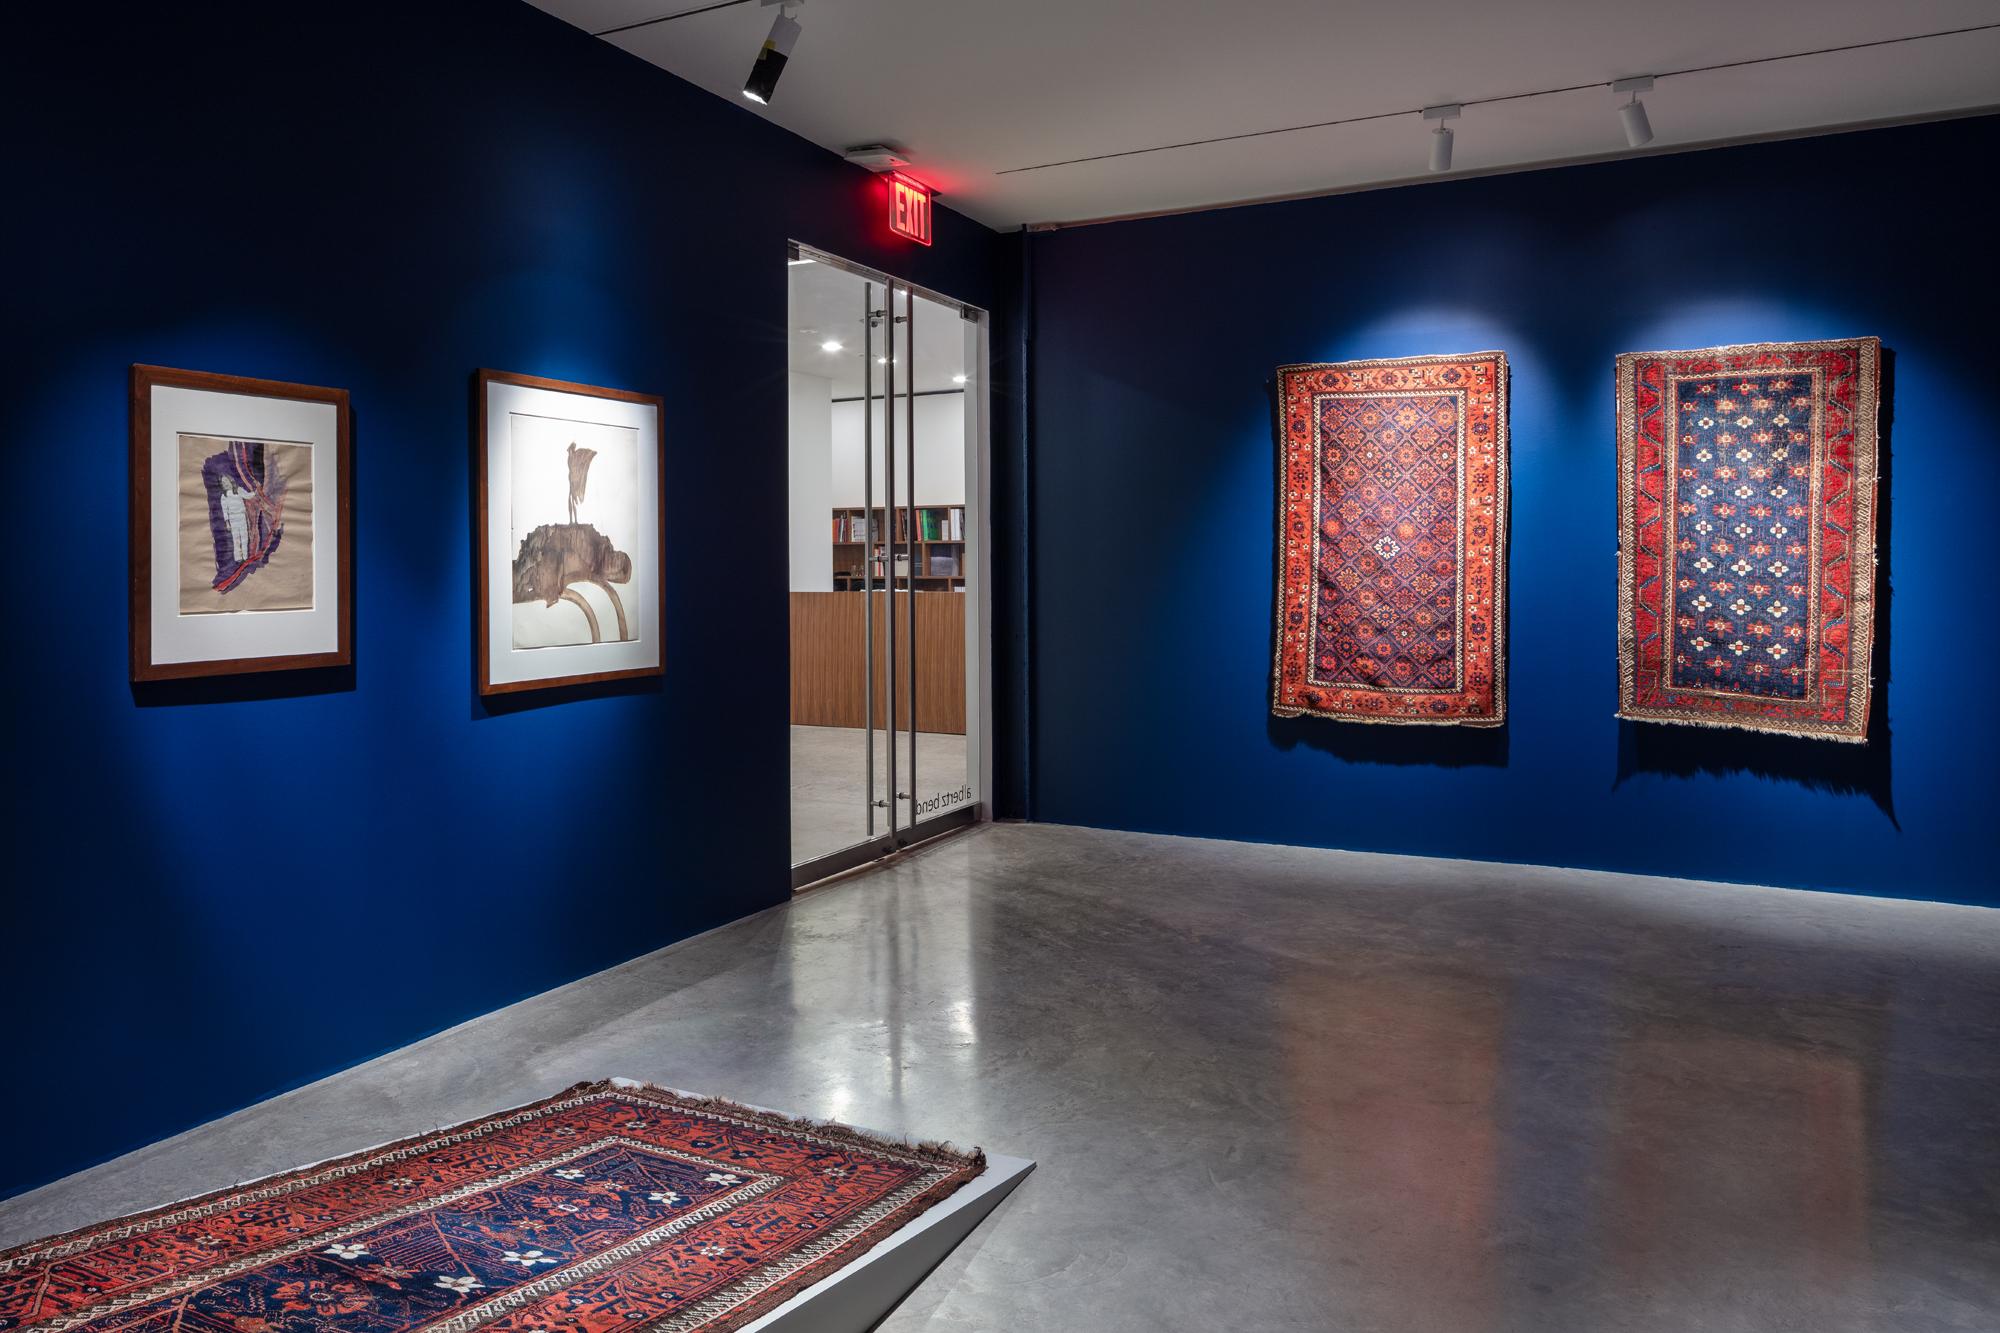 Art / Installations  UNDER THE NIGHT SKY Albertz Benda & Friedman Benda